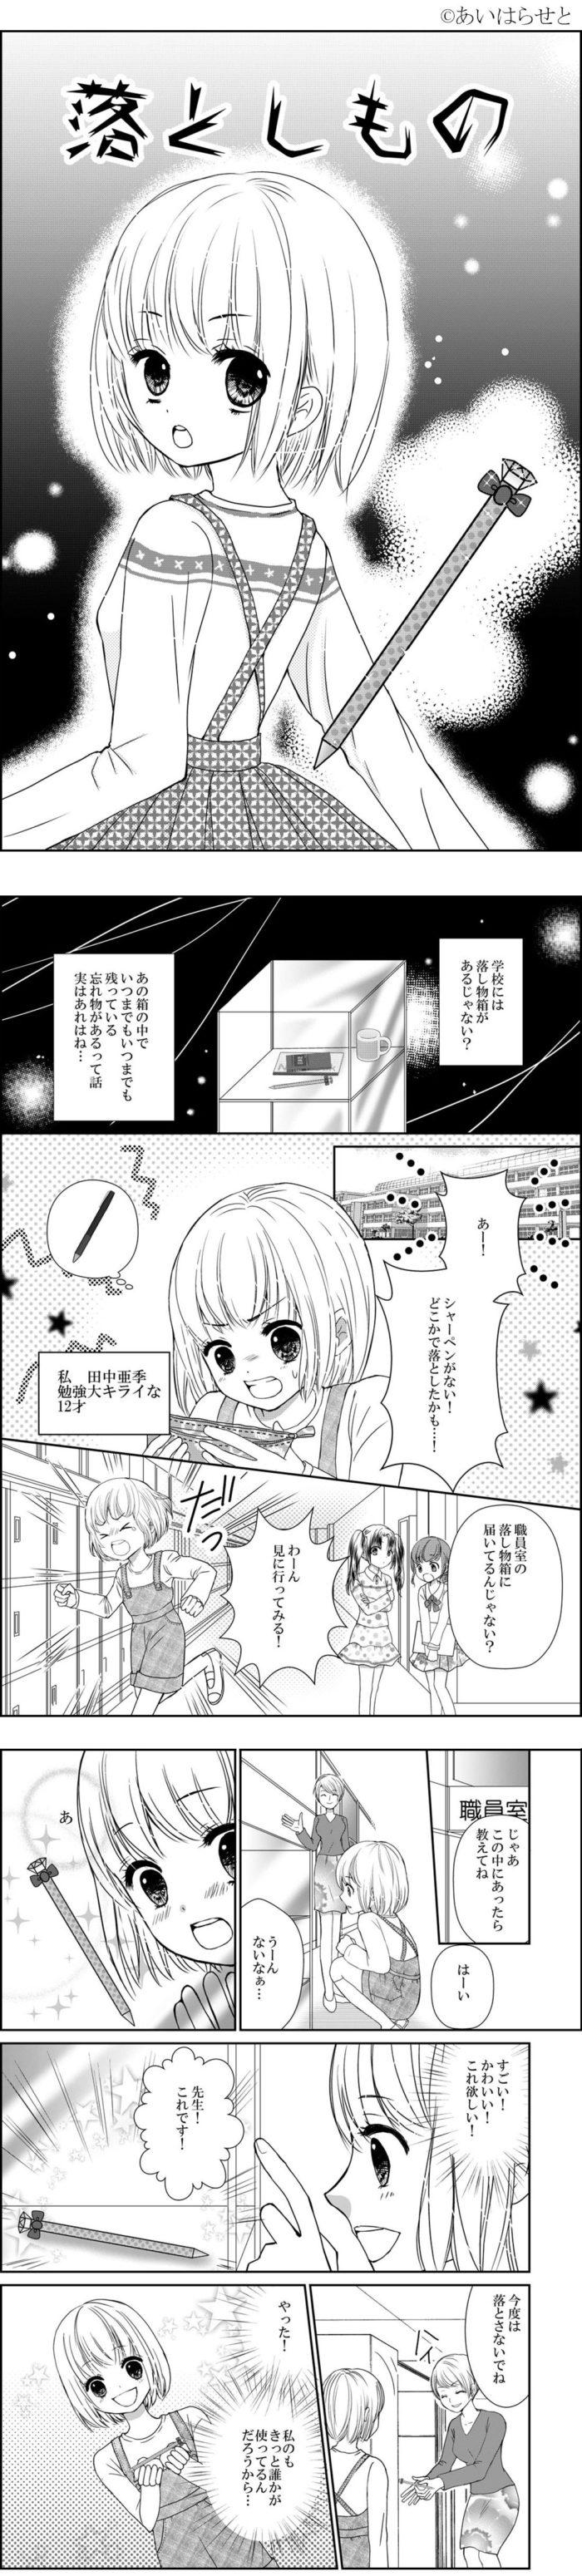 otoshimono01